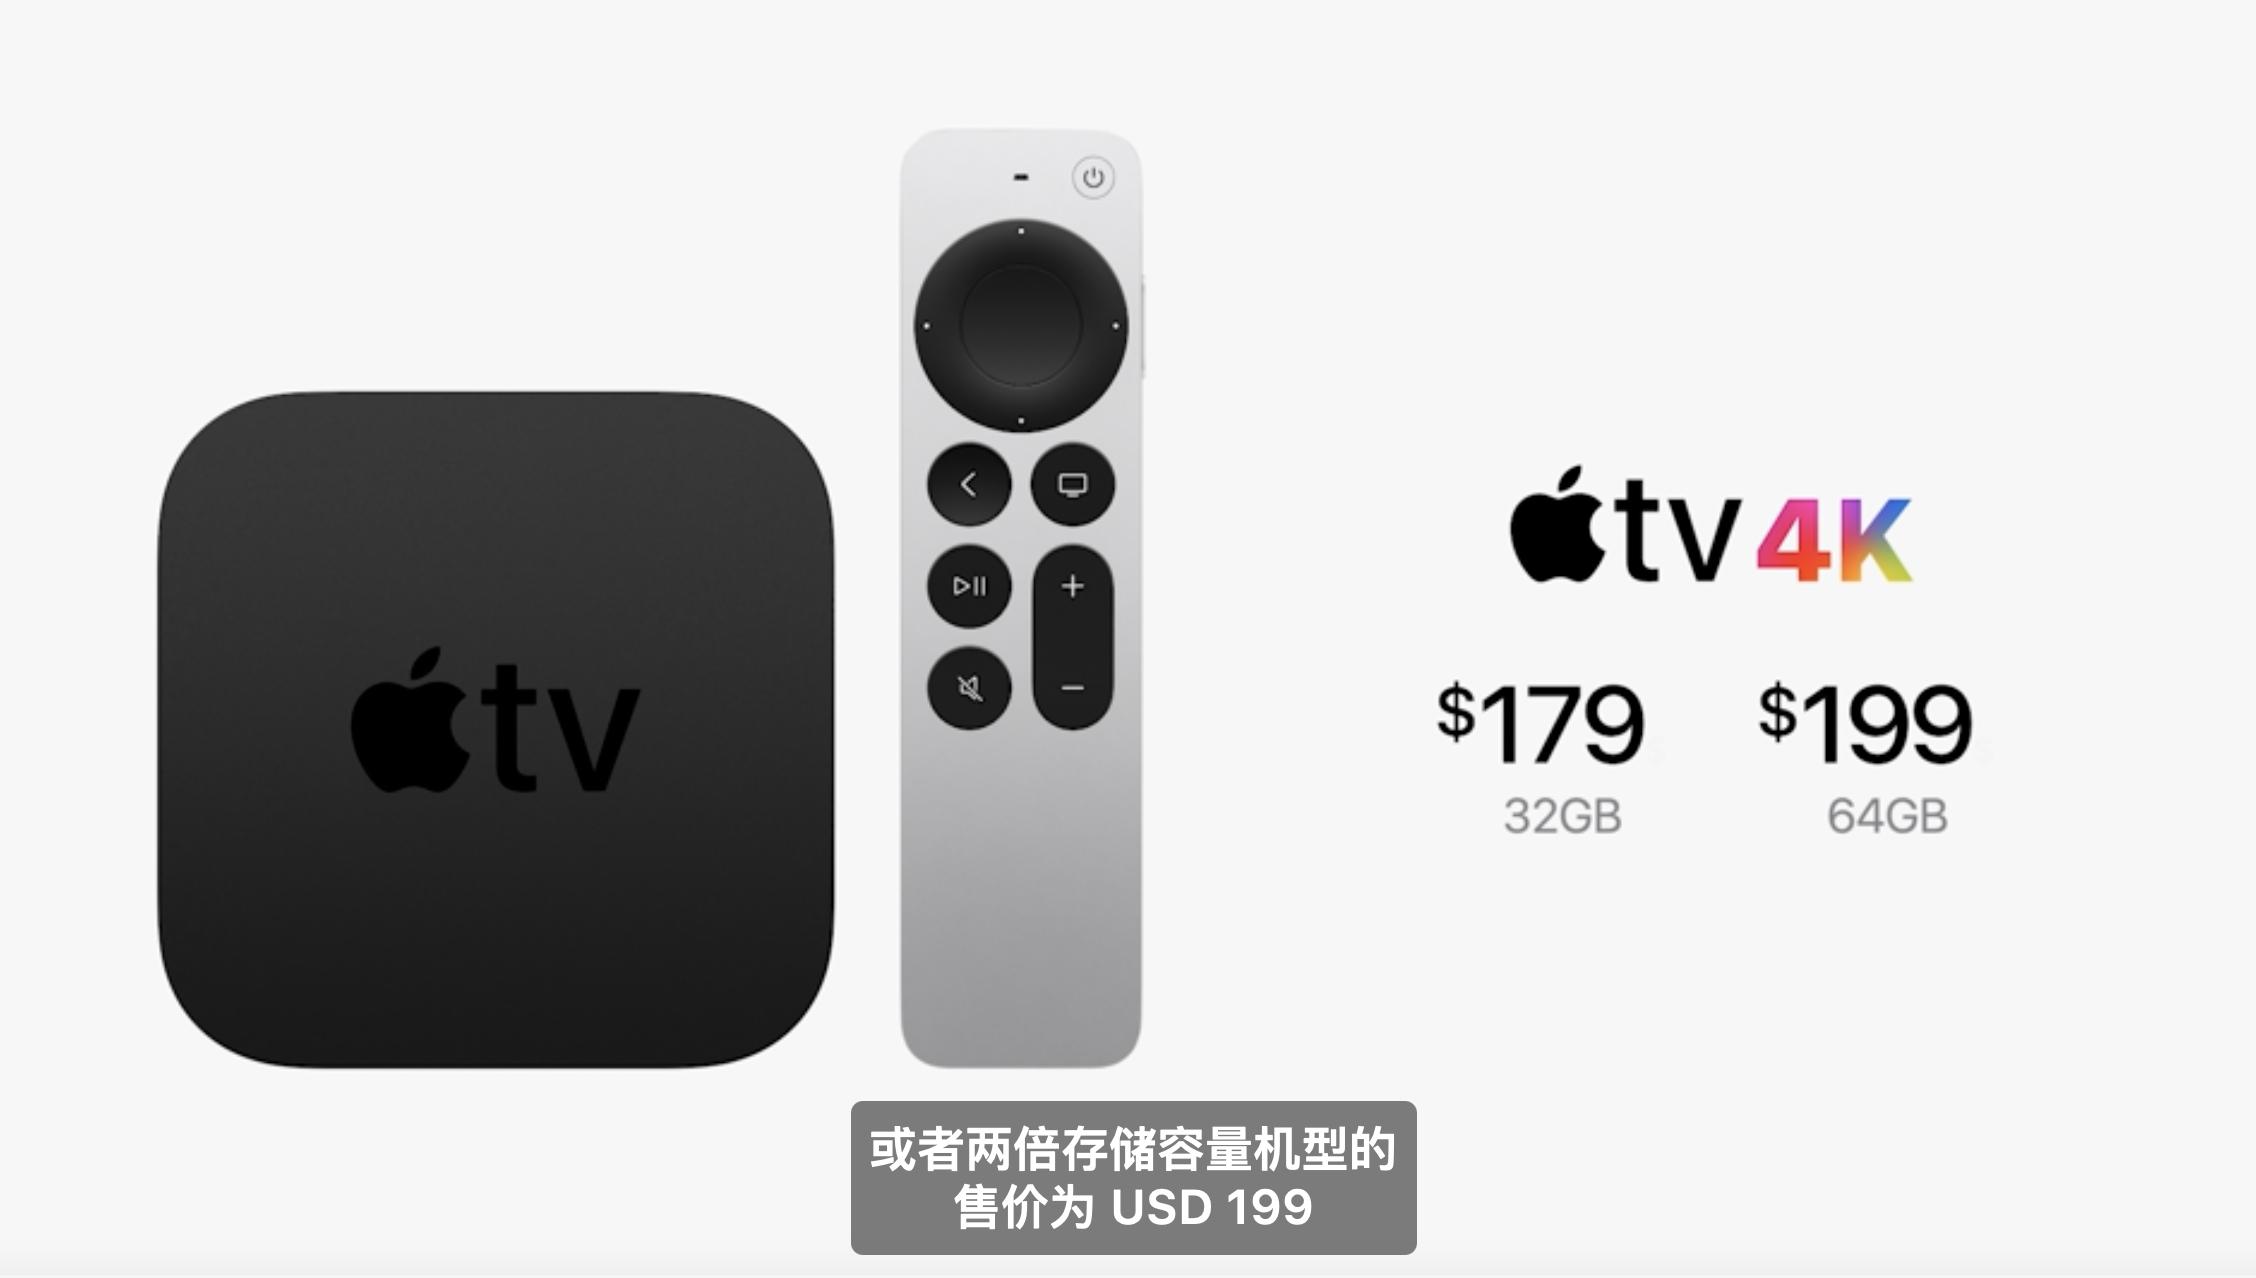 支持高帧率HDR 搭载A12芯片 新款Apple TV+发布售价179美元起